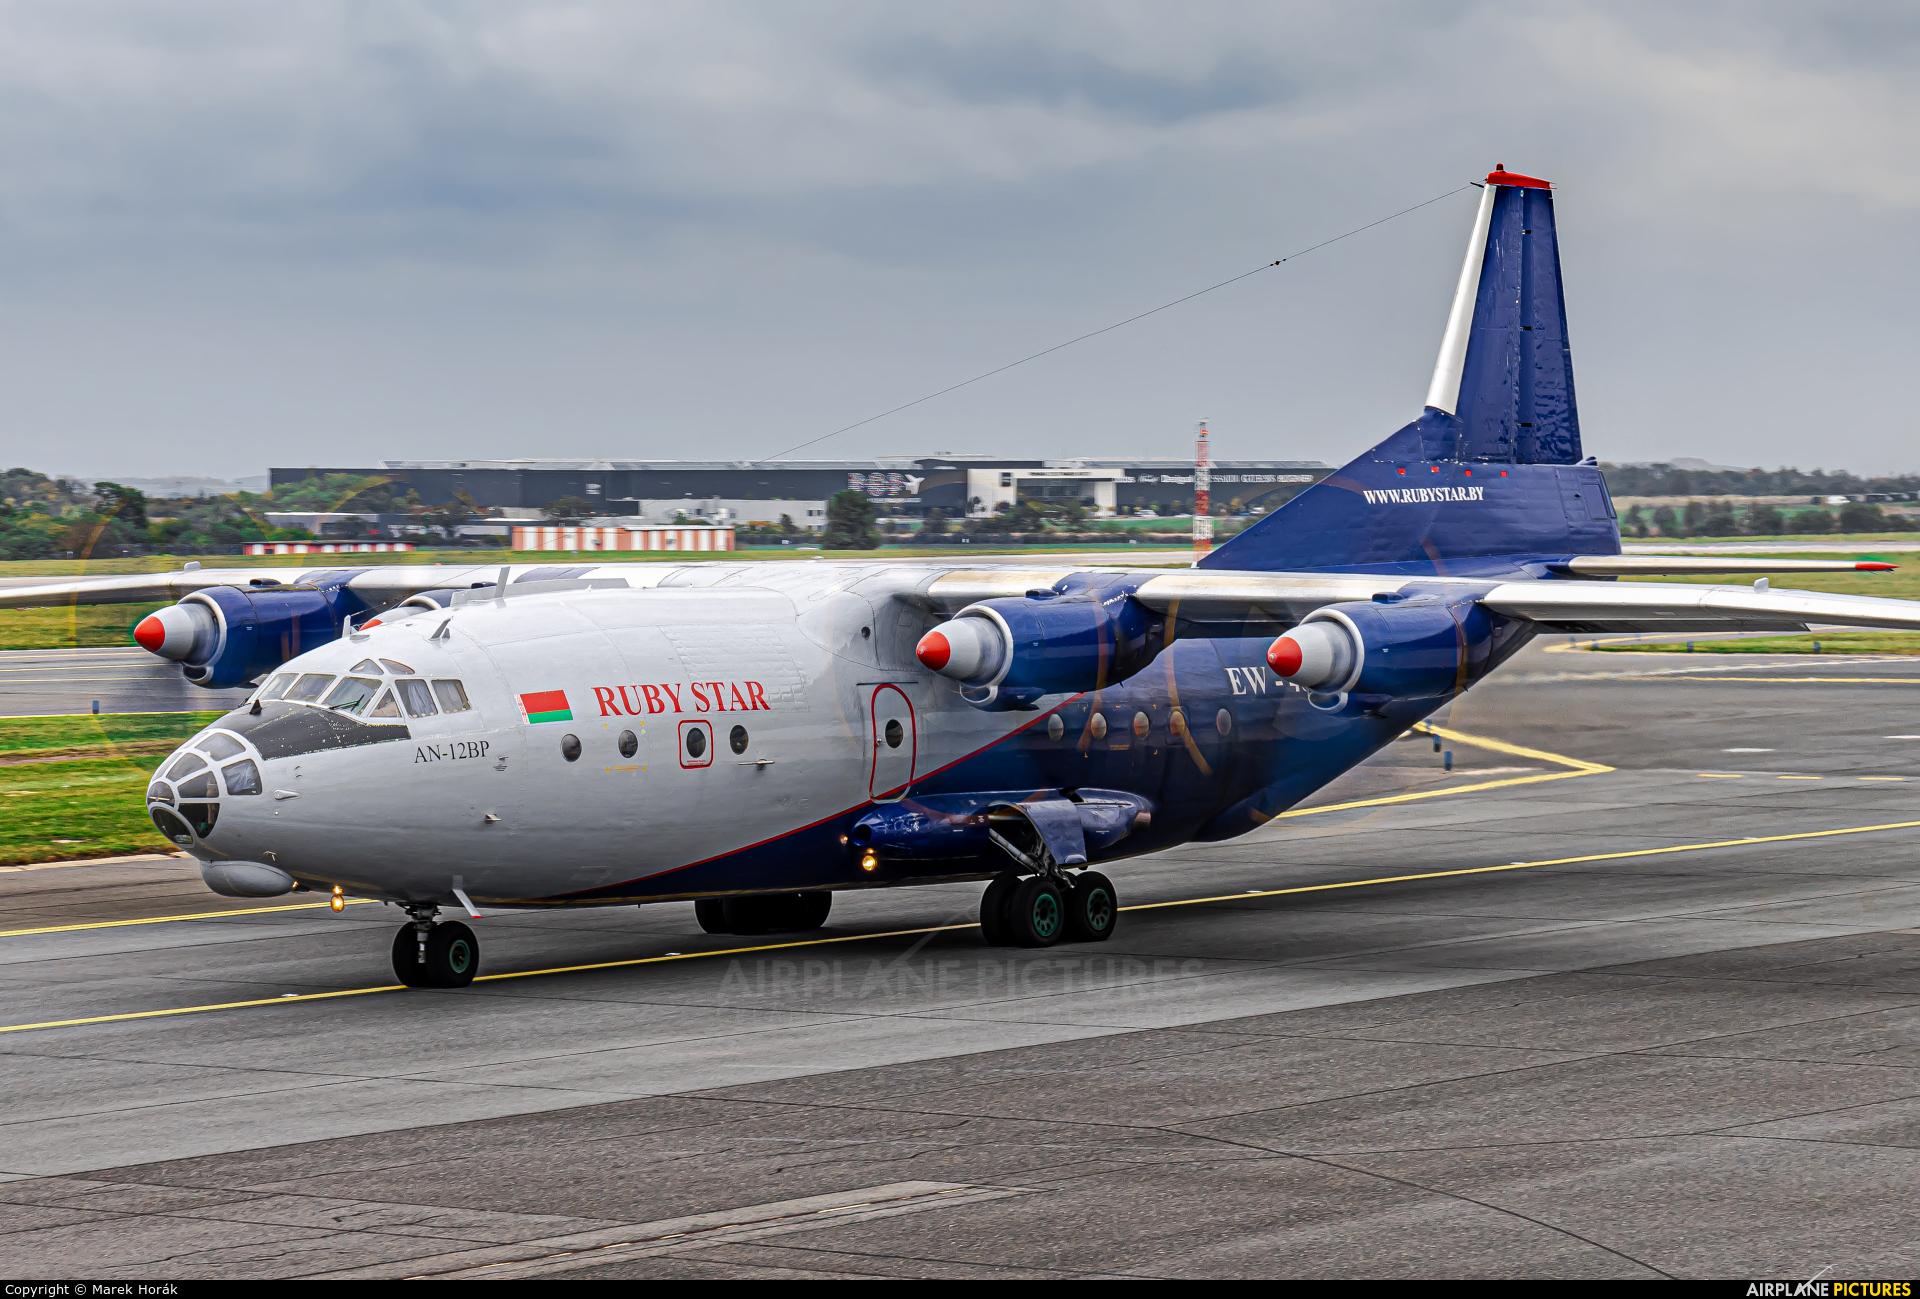 Ruby Star Air Enterprise EW-485TI aircraft at Prague - Václav Havel